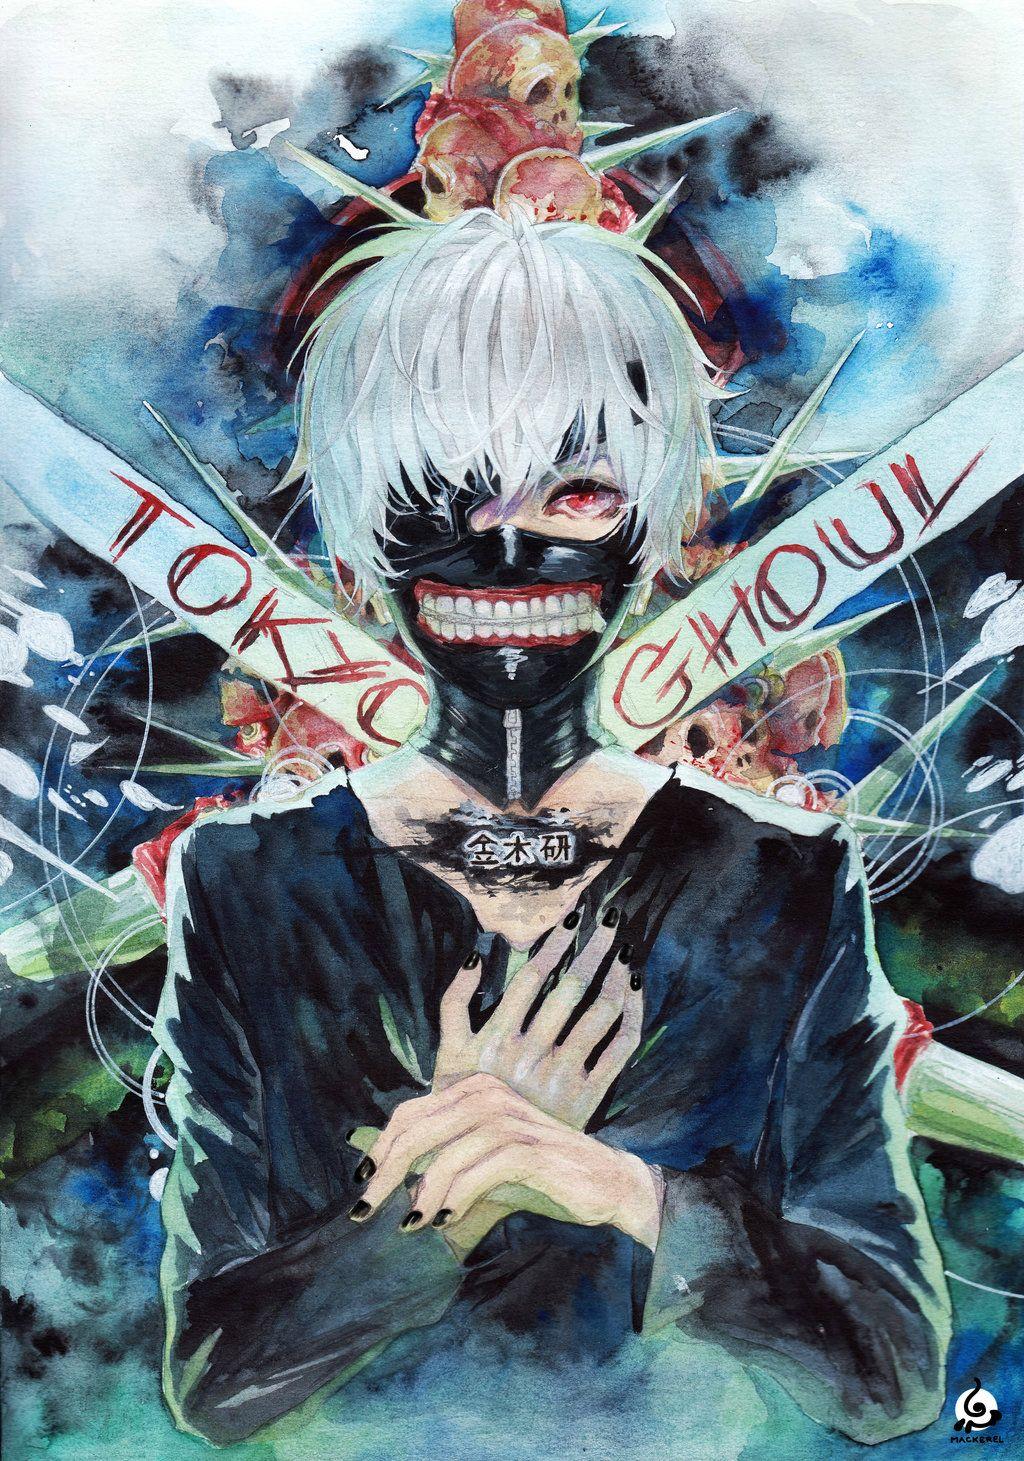 Tokyo Ghoul [FAN ART] by on